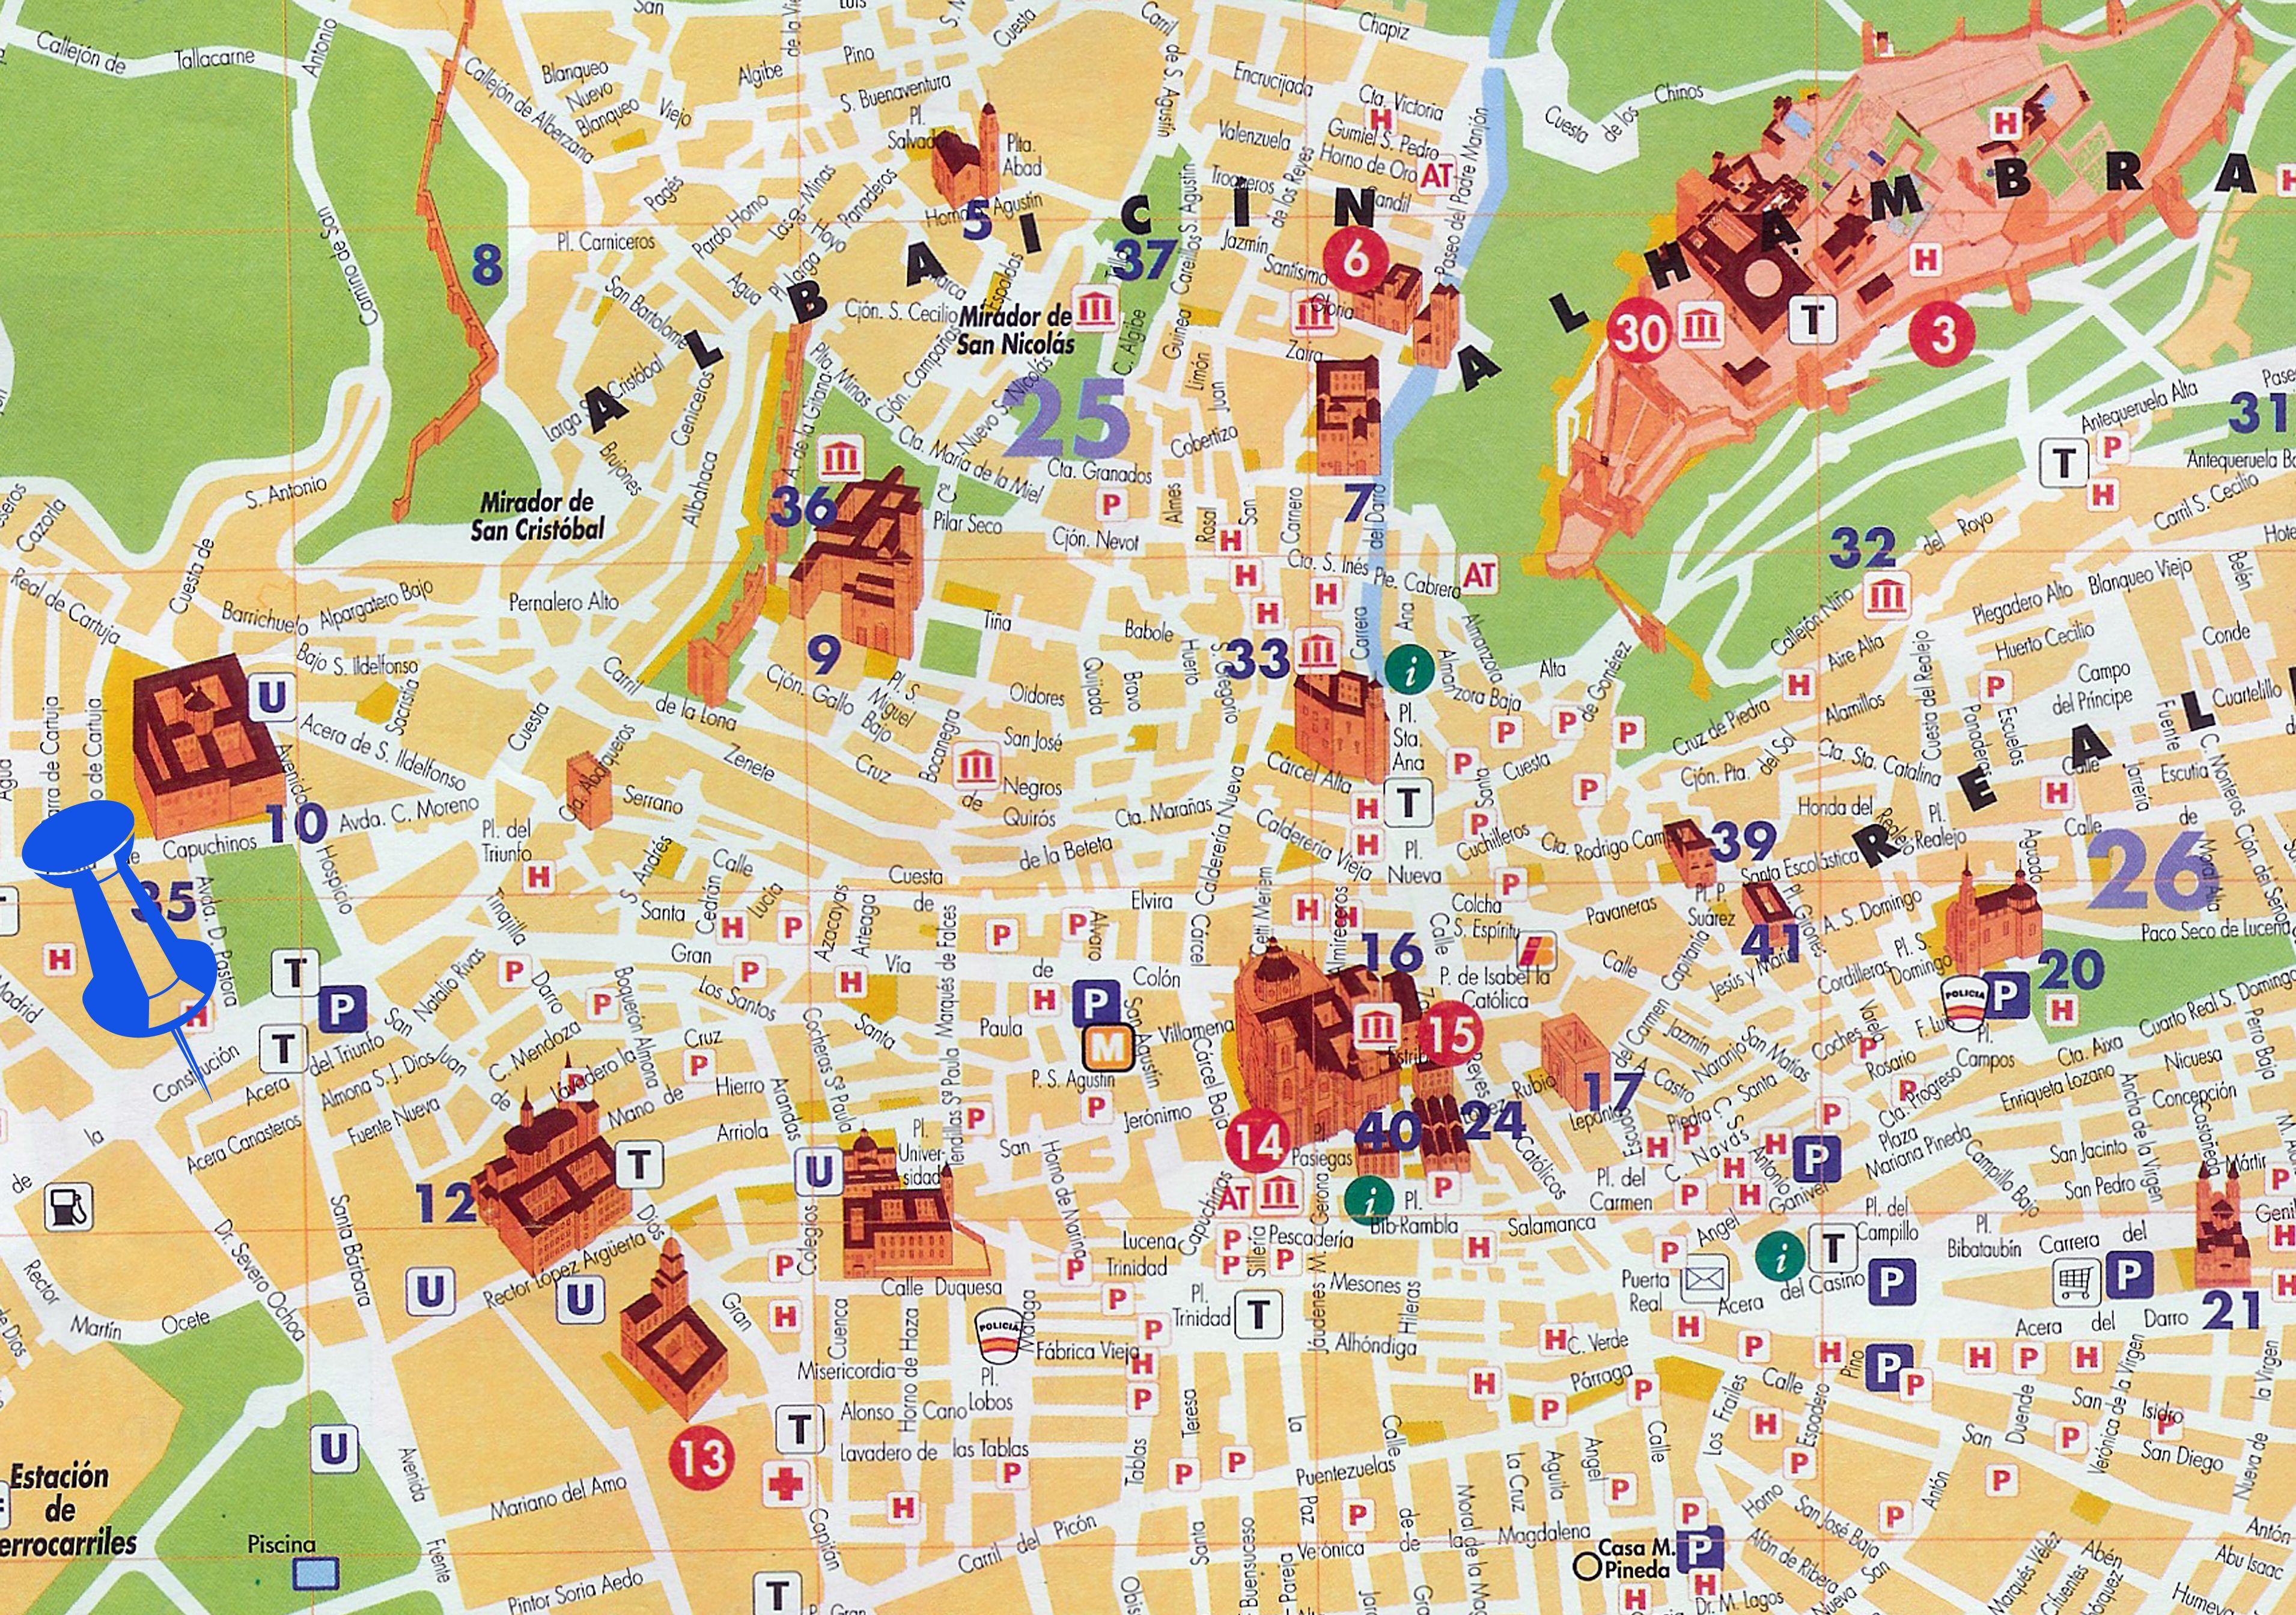 Mapa turstico de Granada GRANADA 2017 Pinterest Granada and